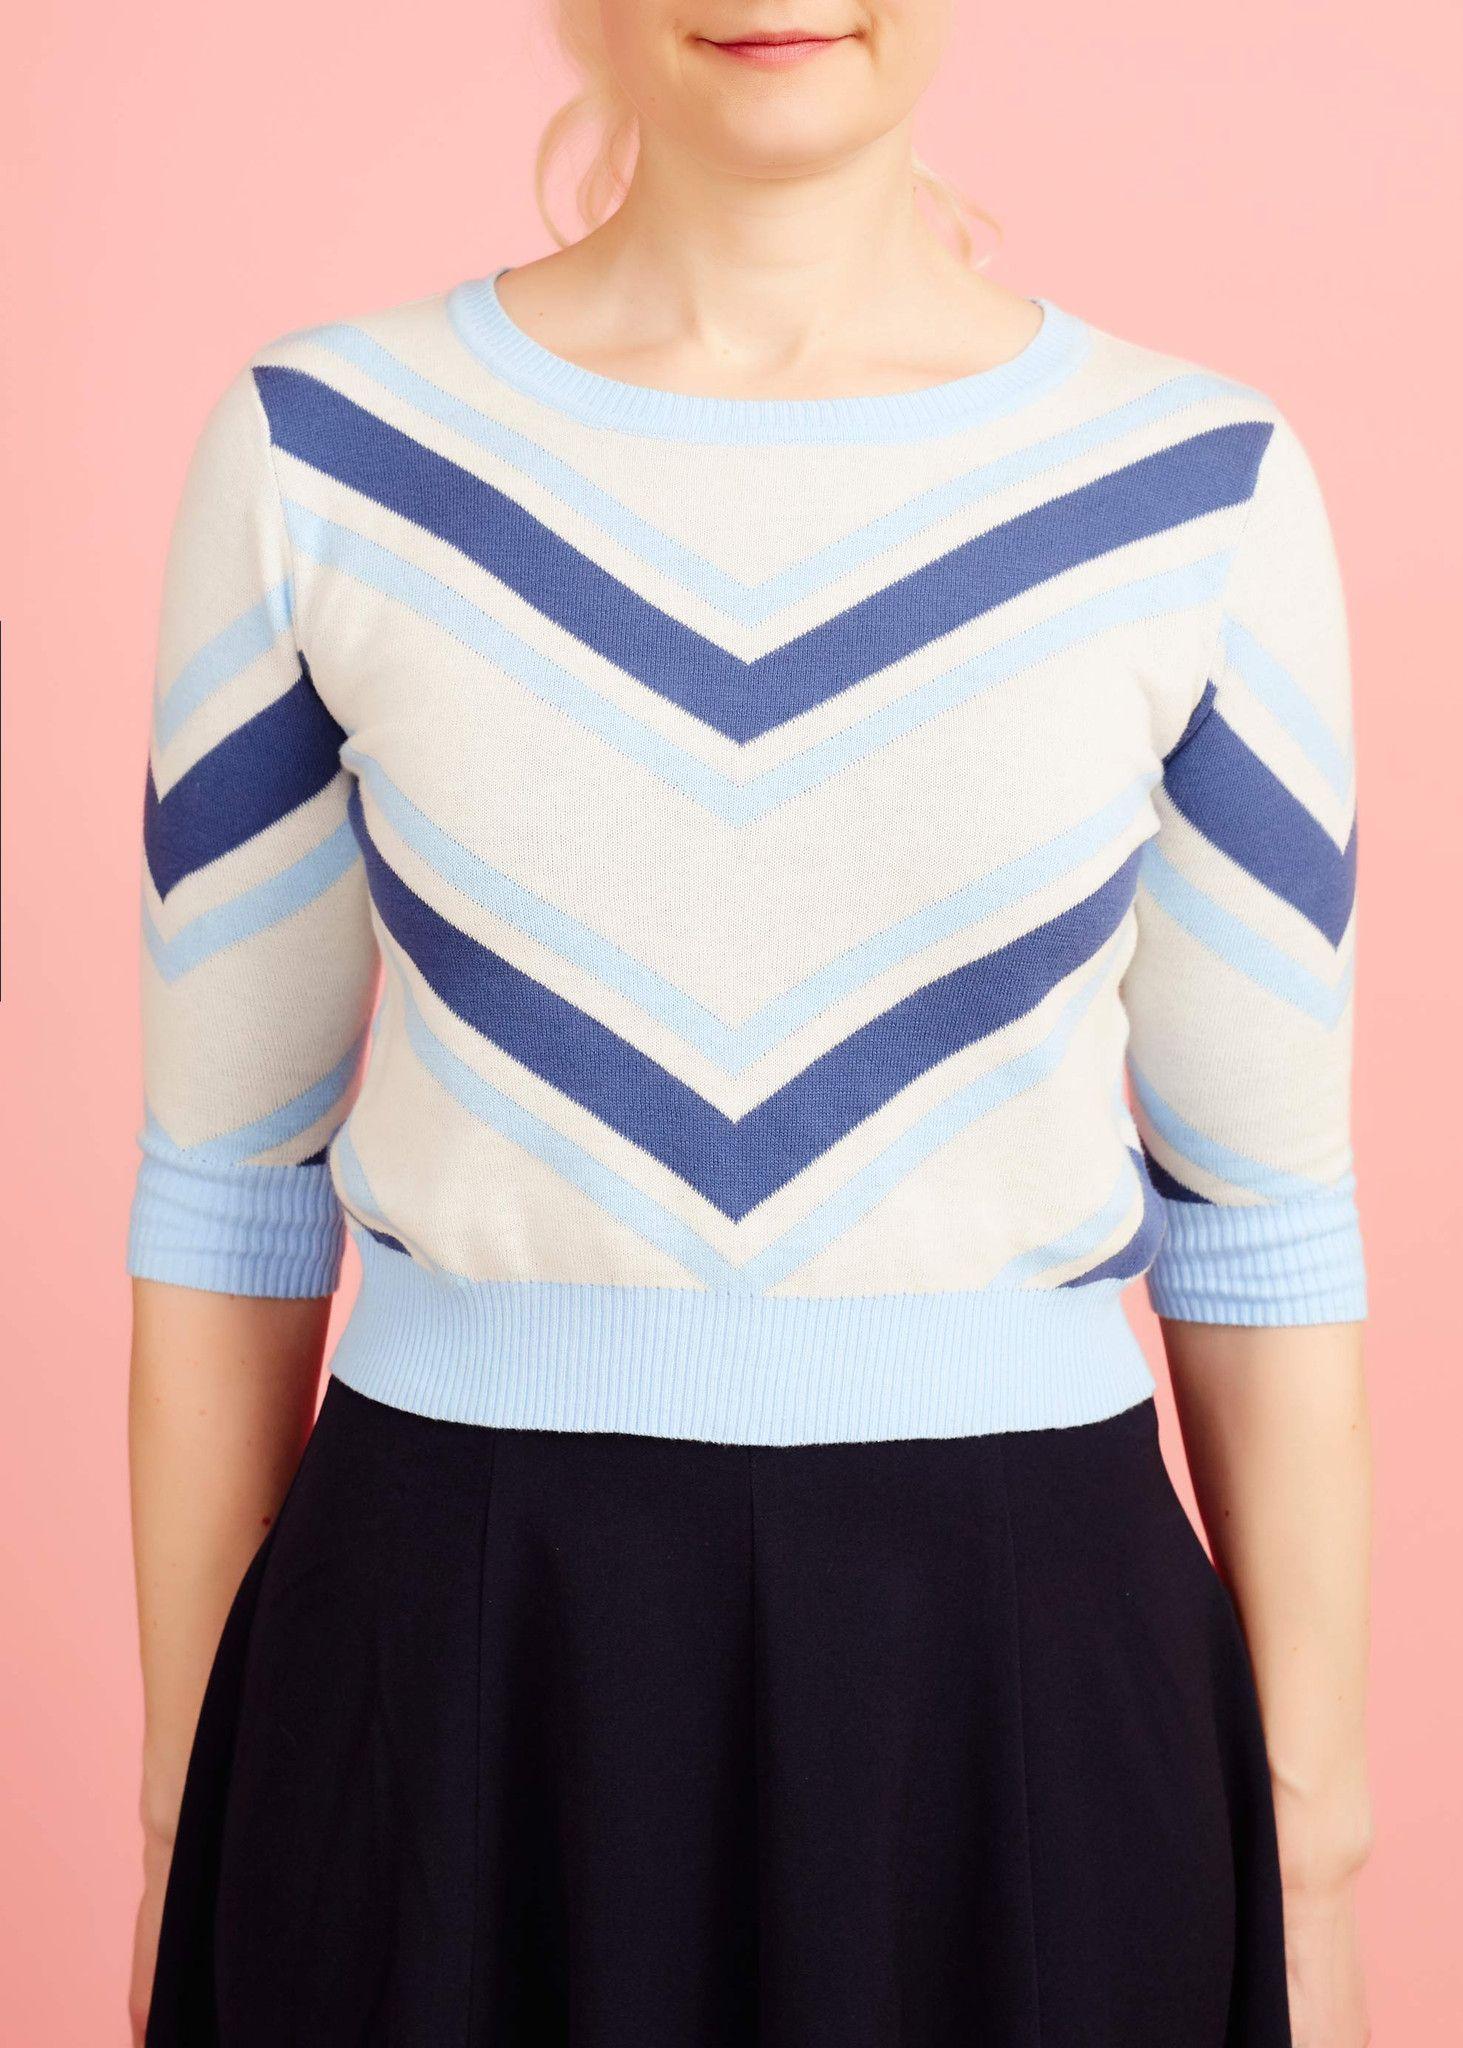 Kort, strikket sweater med blå striber